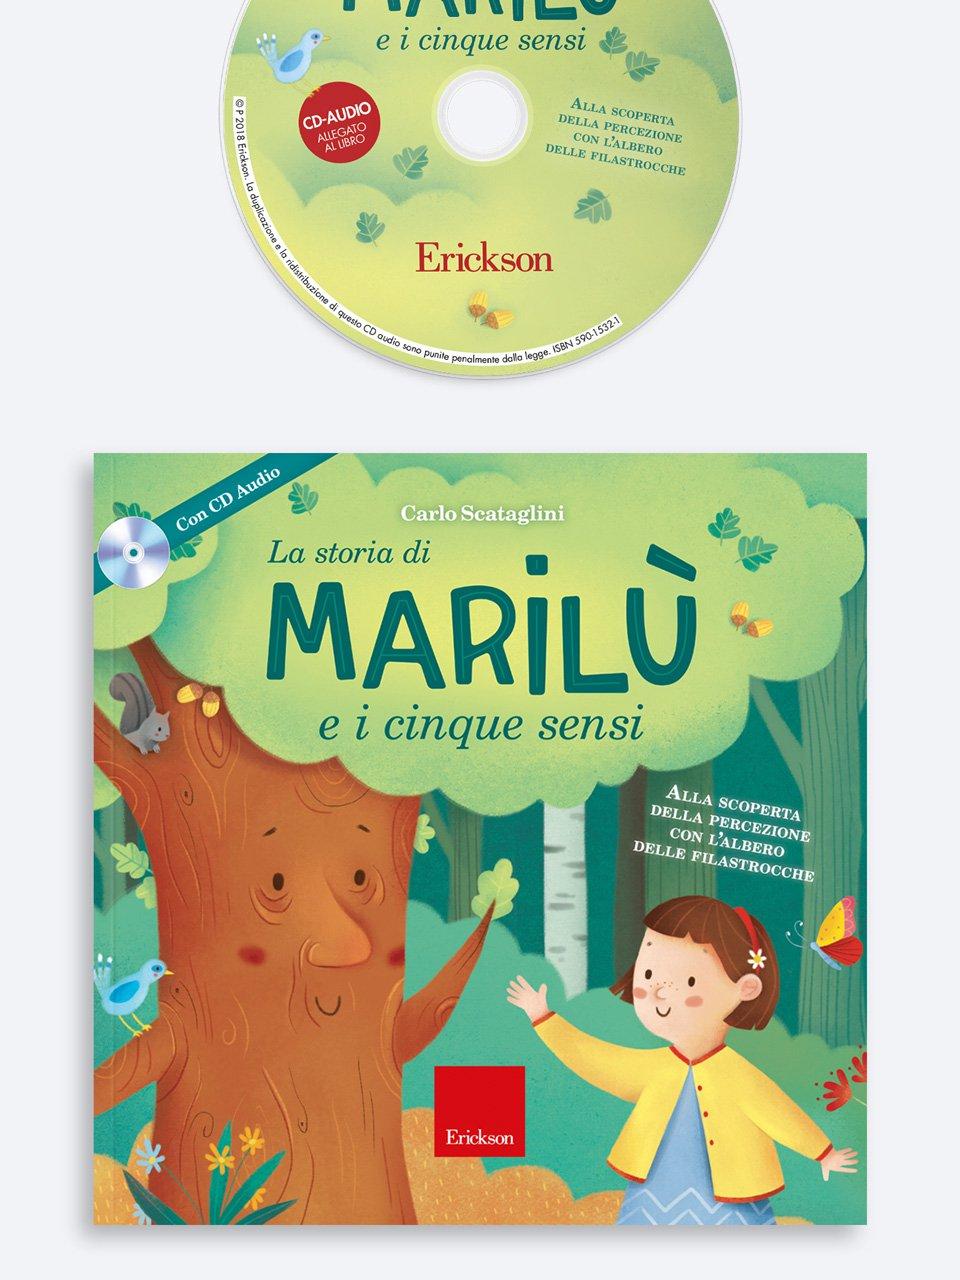 La storia di Marilù e i 5 sensi - Quattro stagioni per giocare - Libri - Erickson